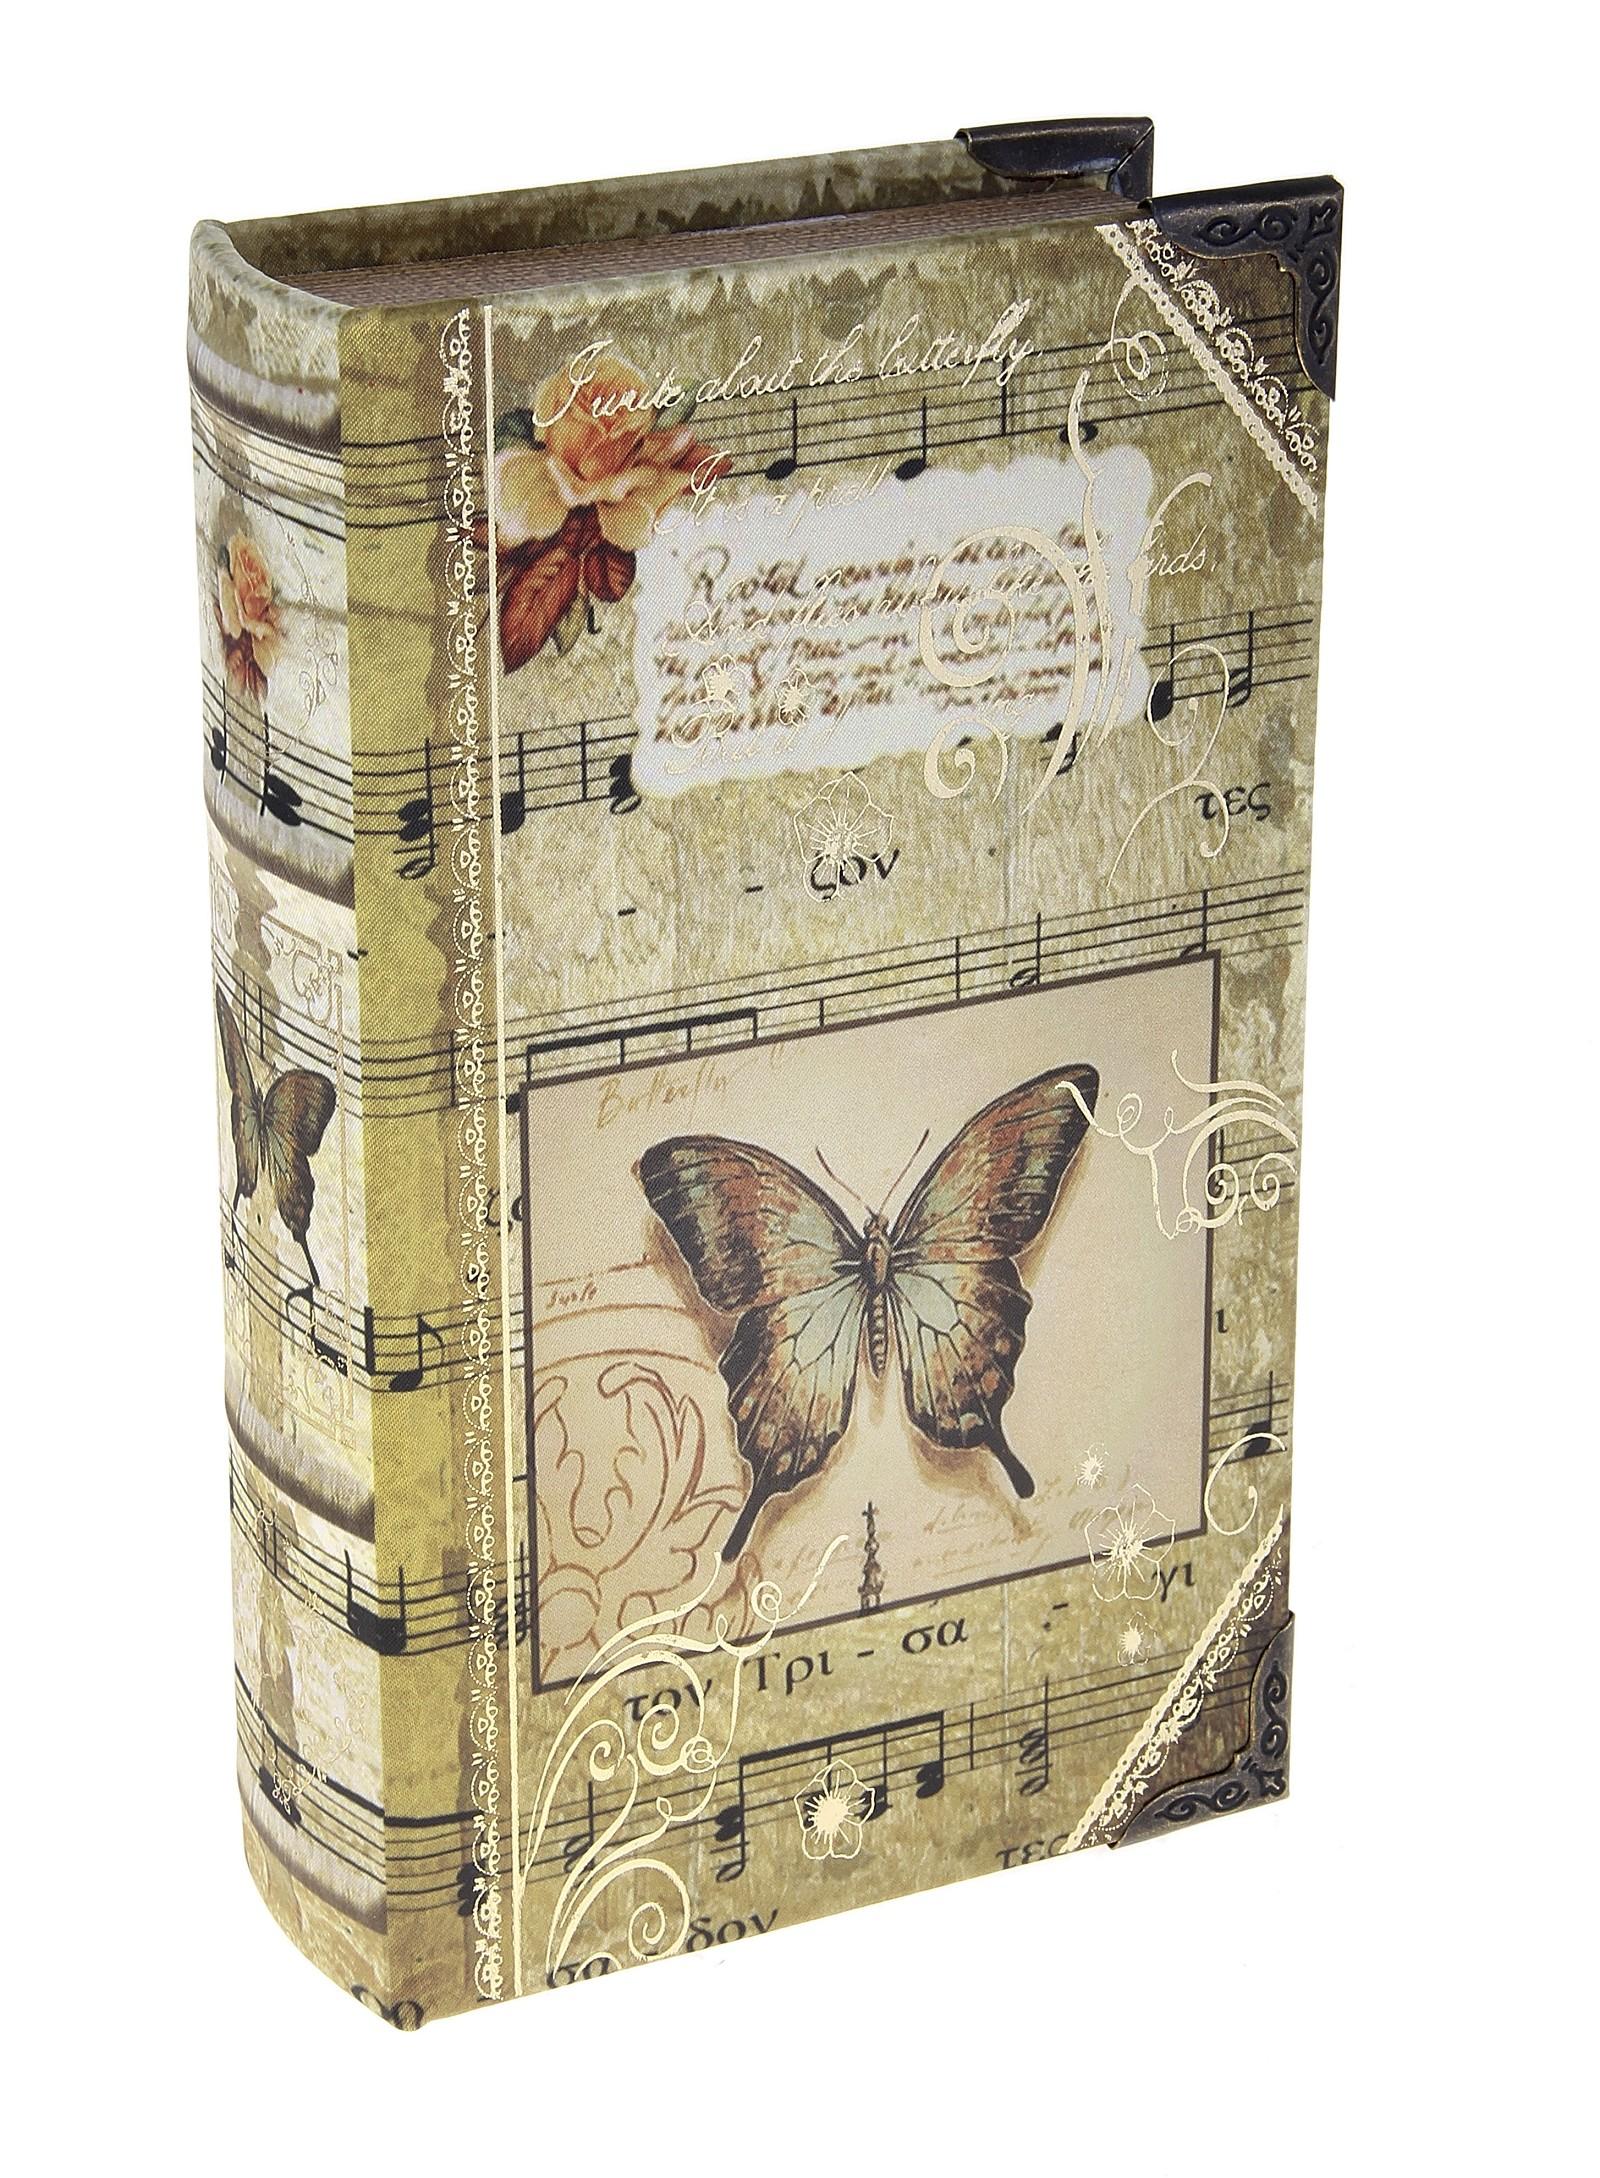 Шкатулка-книга Музыка природы680661Шкатулка-книга Музыка природы изготовлена из дерева. Оригинальное оформление шкатулки, несомненно, привлечет внимание. Шкатулка выполнена в виде книги с изображением бабочки нот, украшена орнаментом. Поверхность шкатулки выполнена из шёлка. Такая шкатулка может использоваться для хранения бижутерии, в качестве украшения интерьера, а также послужит хорошим подарком для человека, ценящего практичные и оригинальные вещицы. Характеристики: Материал: дерево, кожзам, шёлк, металл. Размер шкатулки (в закрытом виде): 21 см х 13 см х 5 см. Размер упаковки: 22 см х 14 см х 6 см. Артикул: 680661.